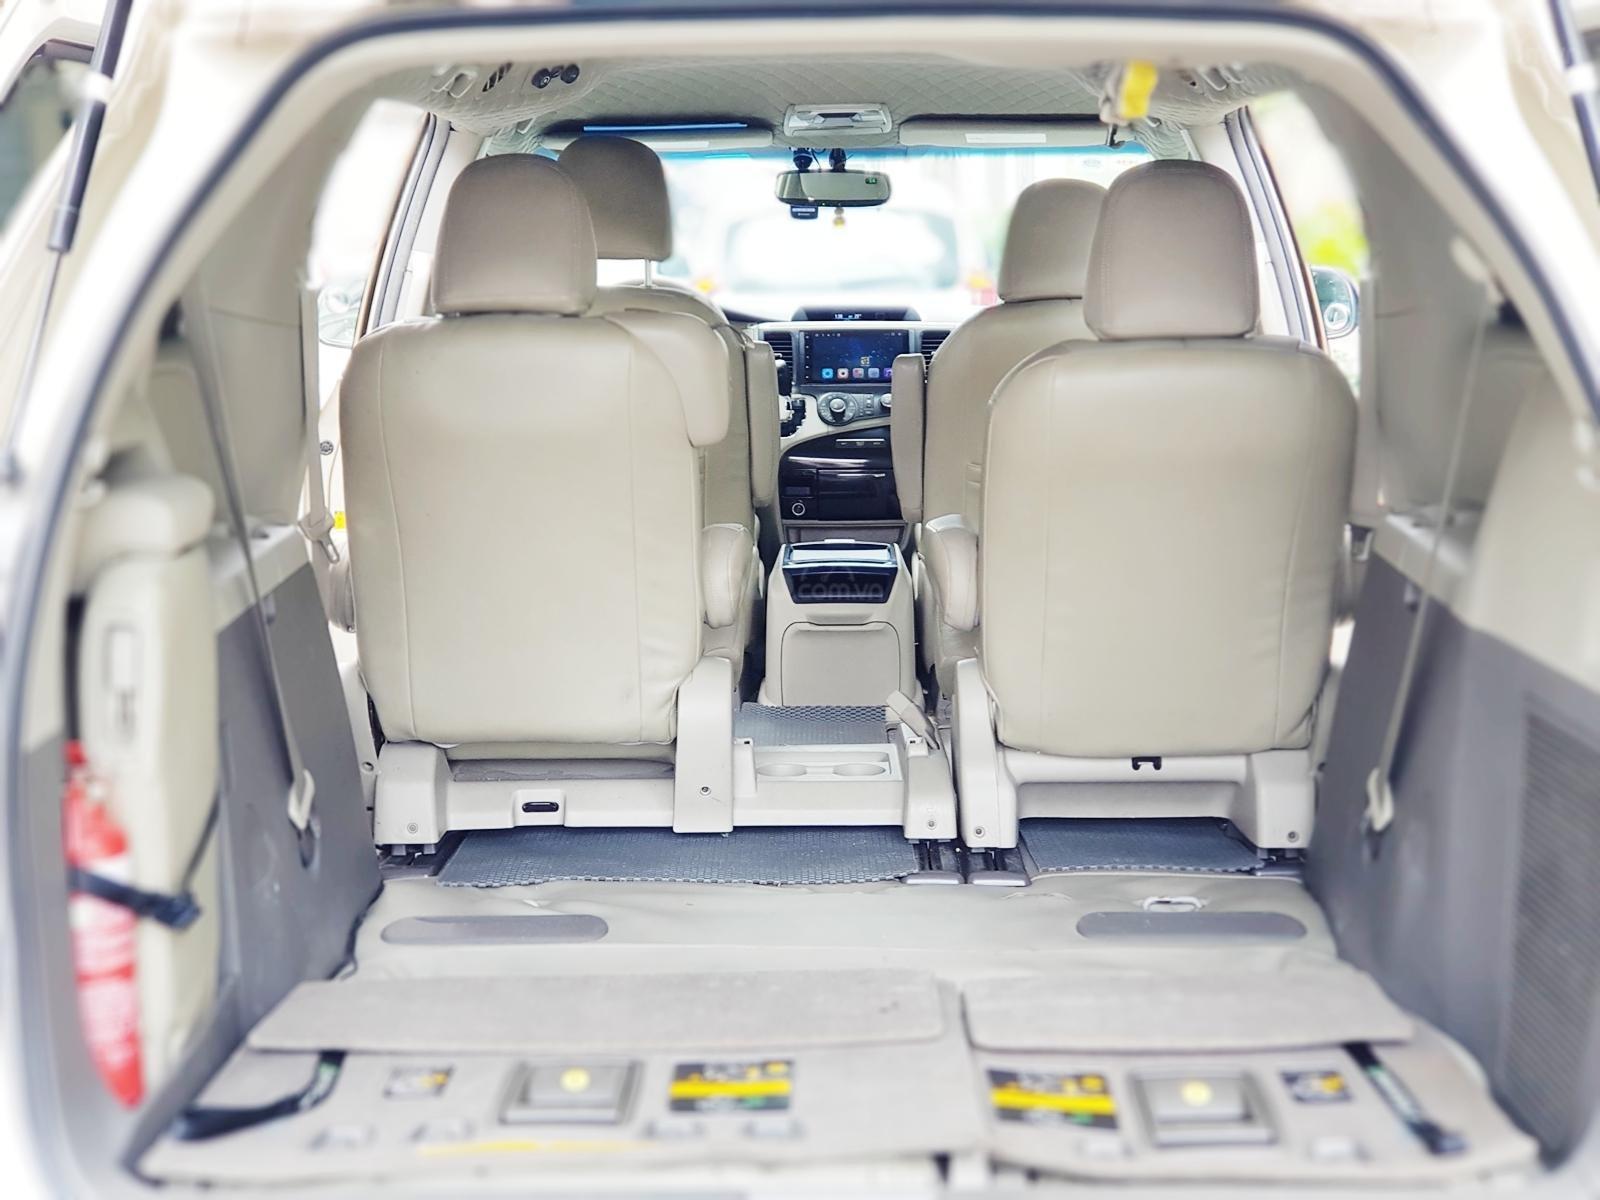 Bán xe Toyota Sienna 2011 3.5 LE nhập khẩu Mỹ (25)